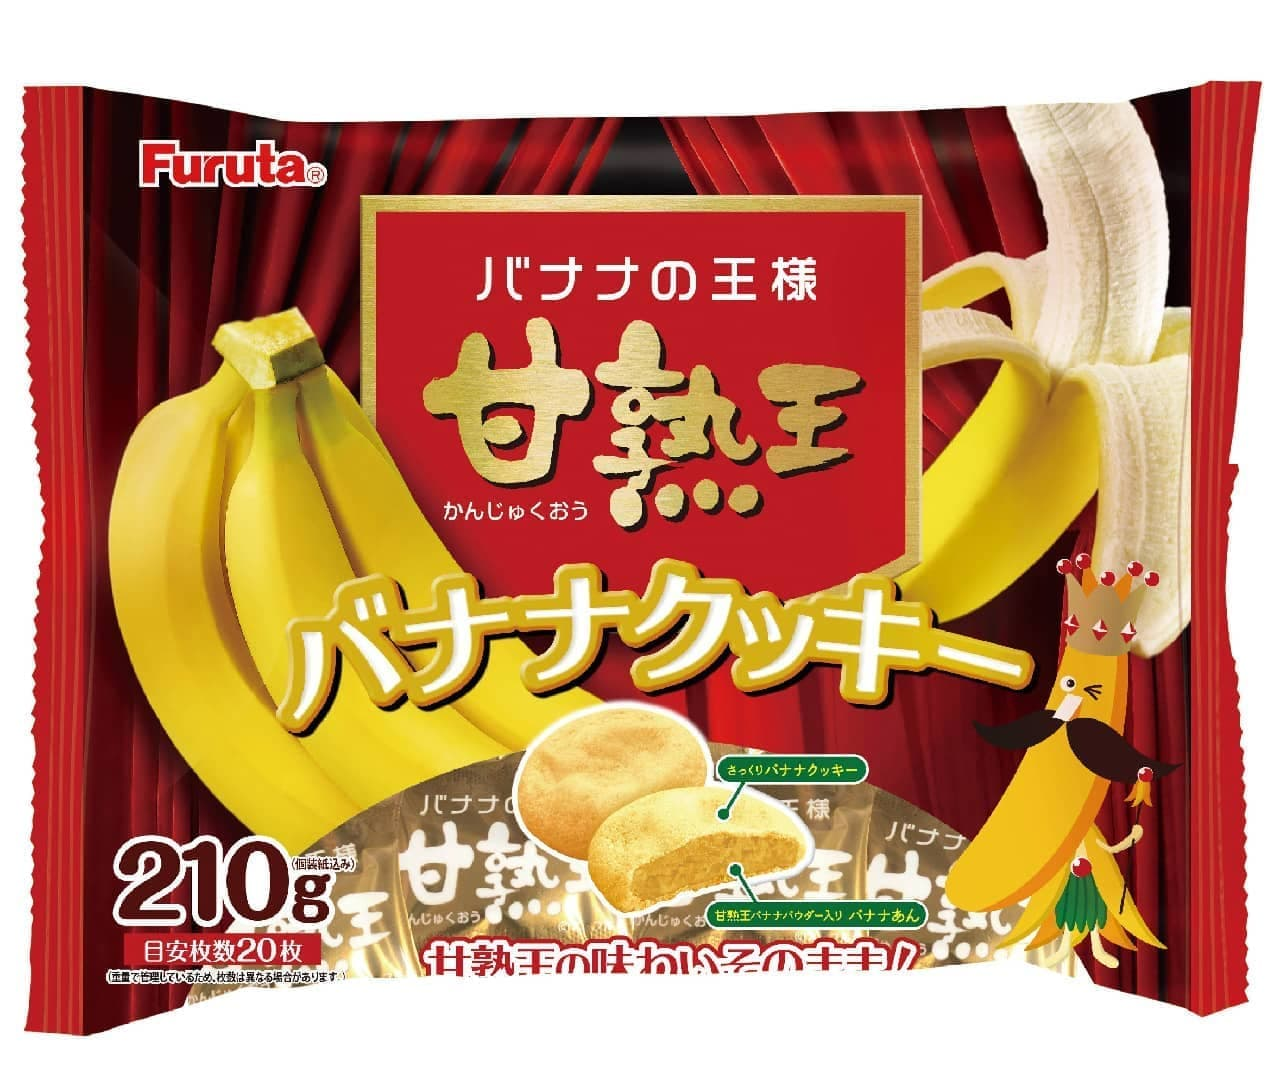 フルタ製菓「甘熟王バナナクッキー」